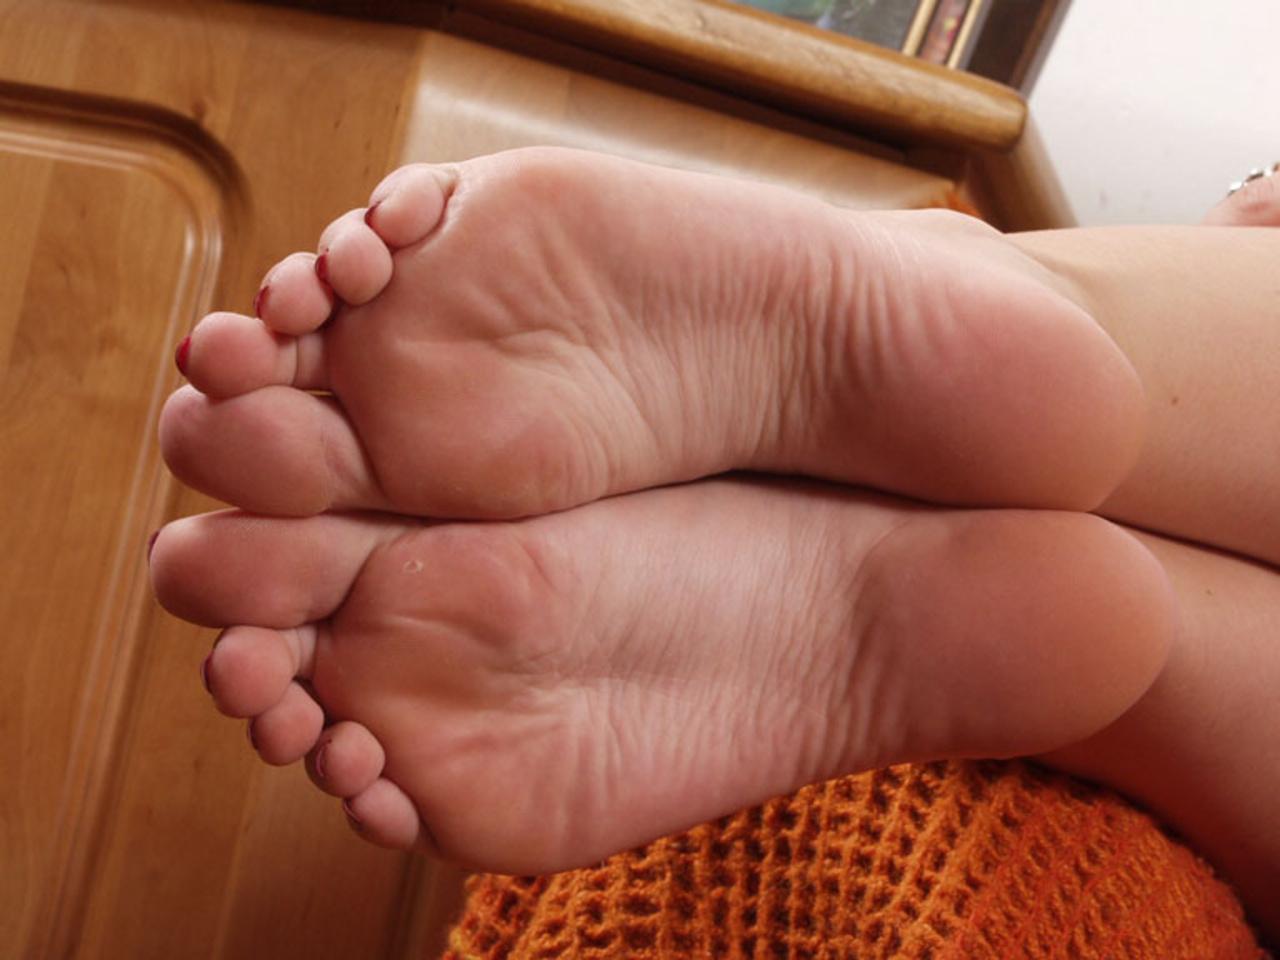 Смотреть фото женских пальчиков ног, Красивые ступни девушек это прекрасно (фото.) 10 фотография